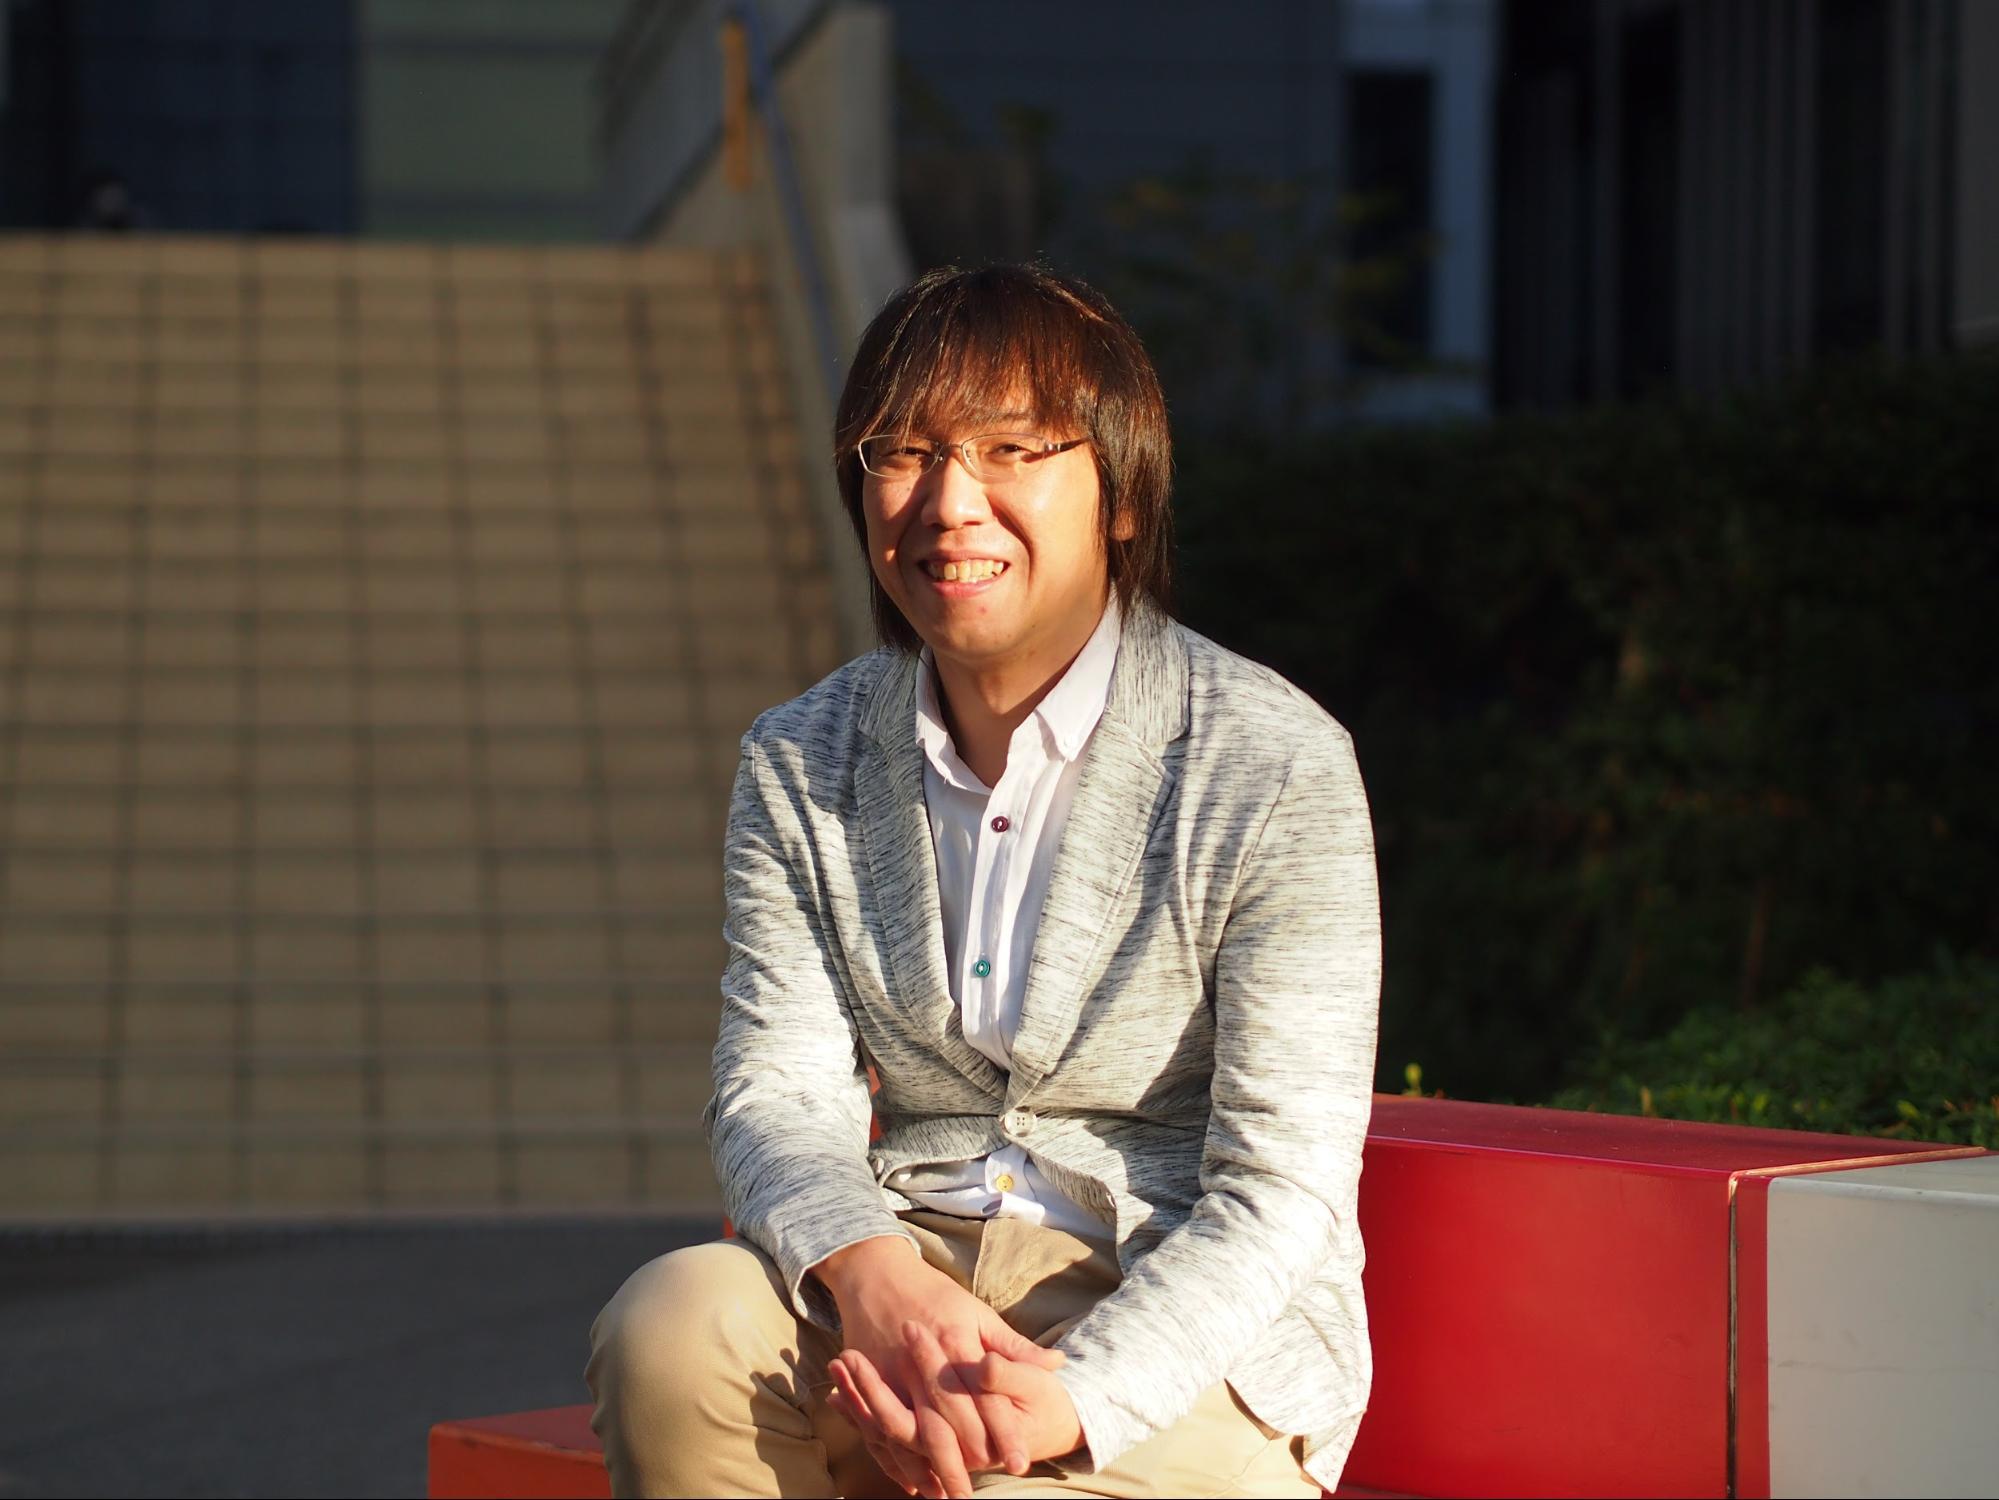 岩崎さんの近影写真